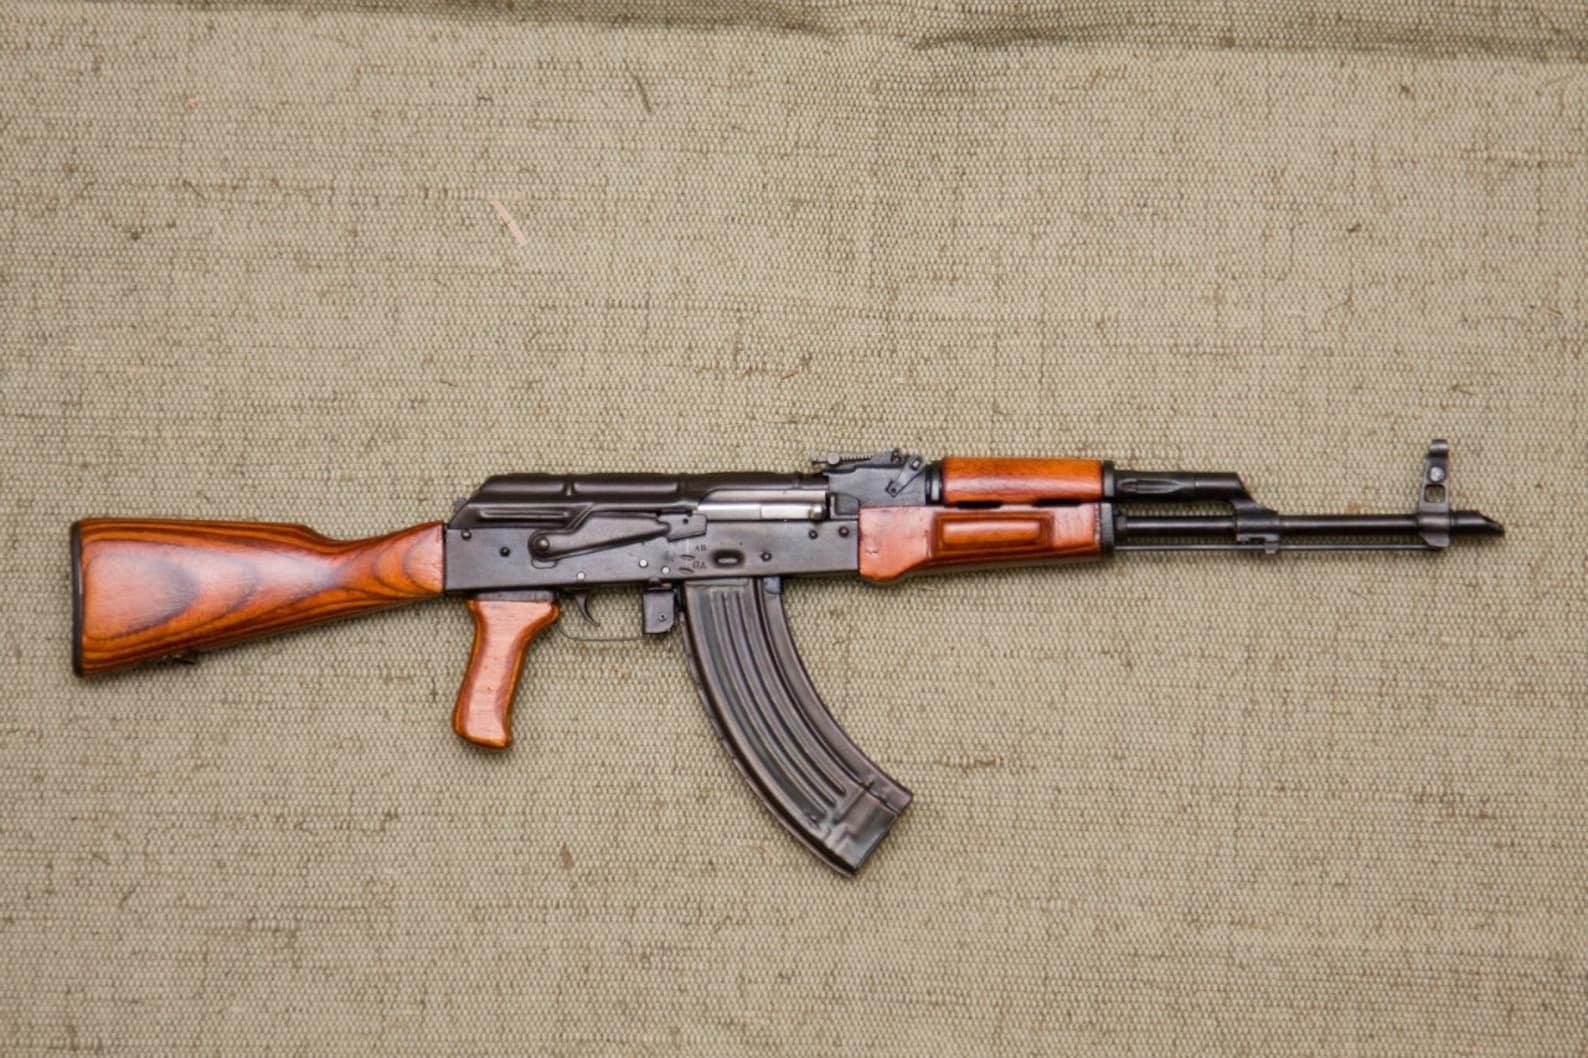 ak47 model toy gun - HD1280×853